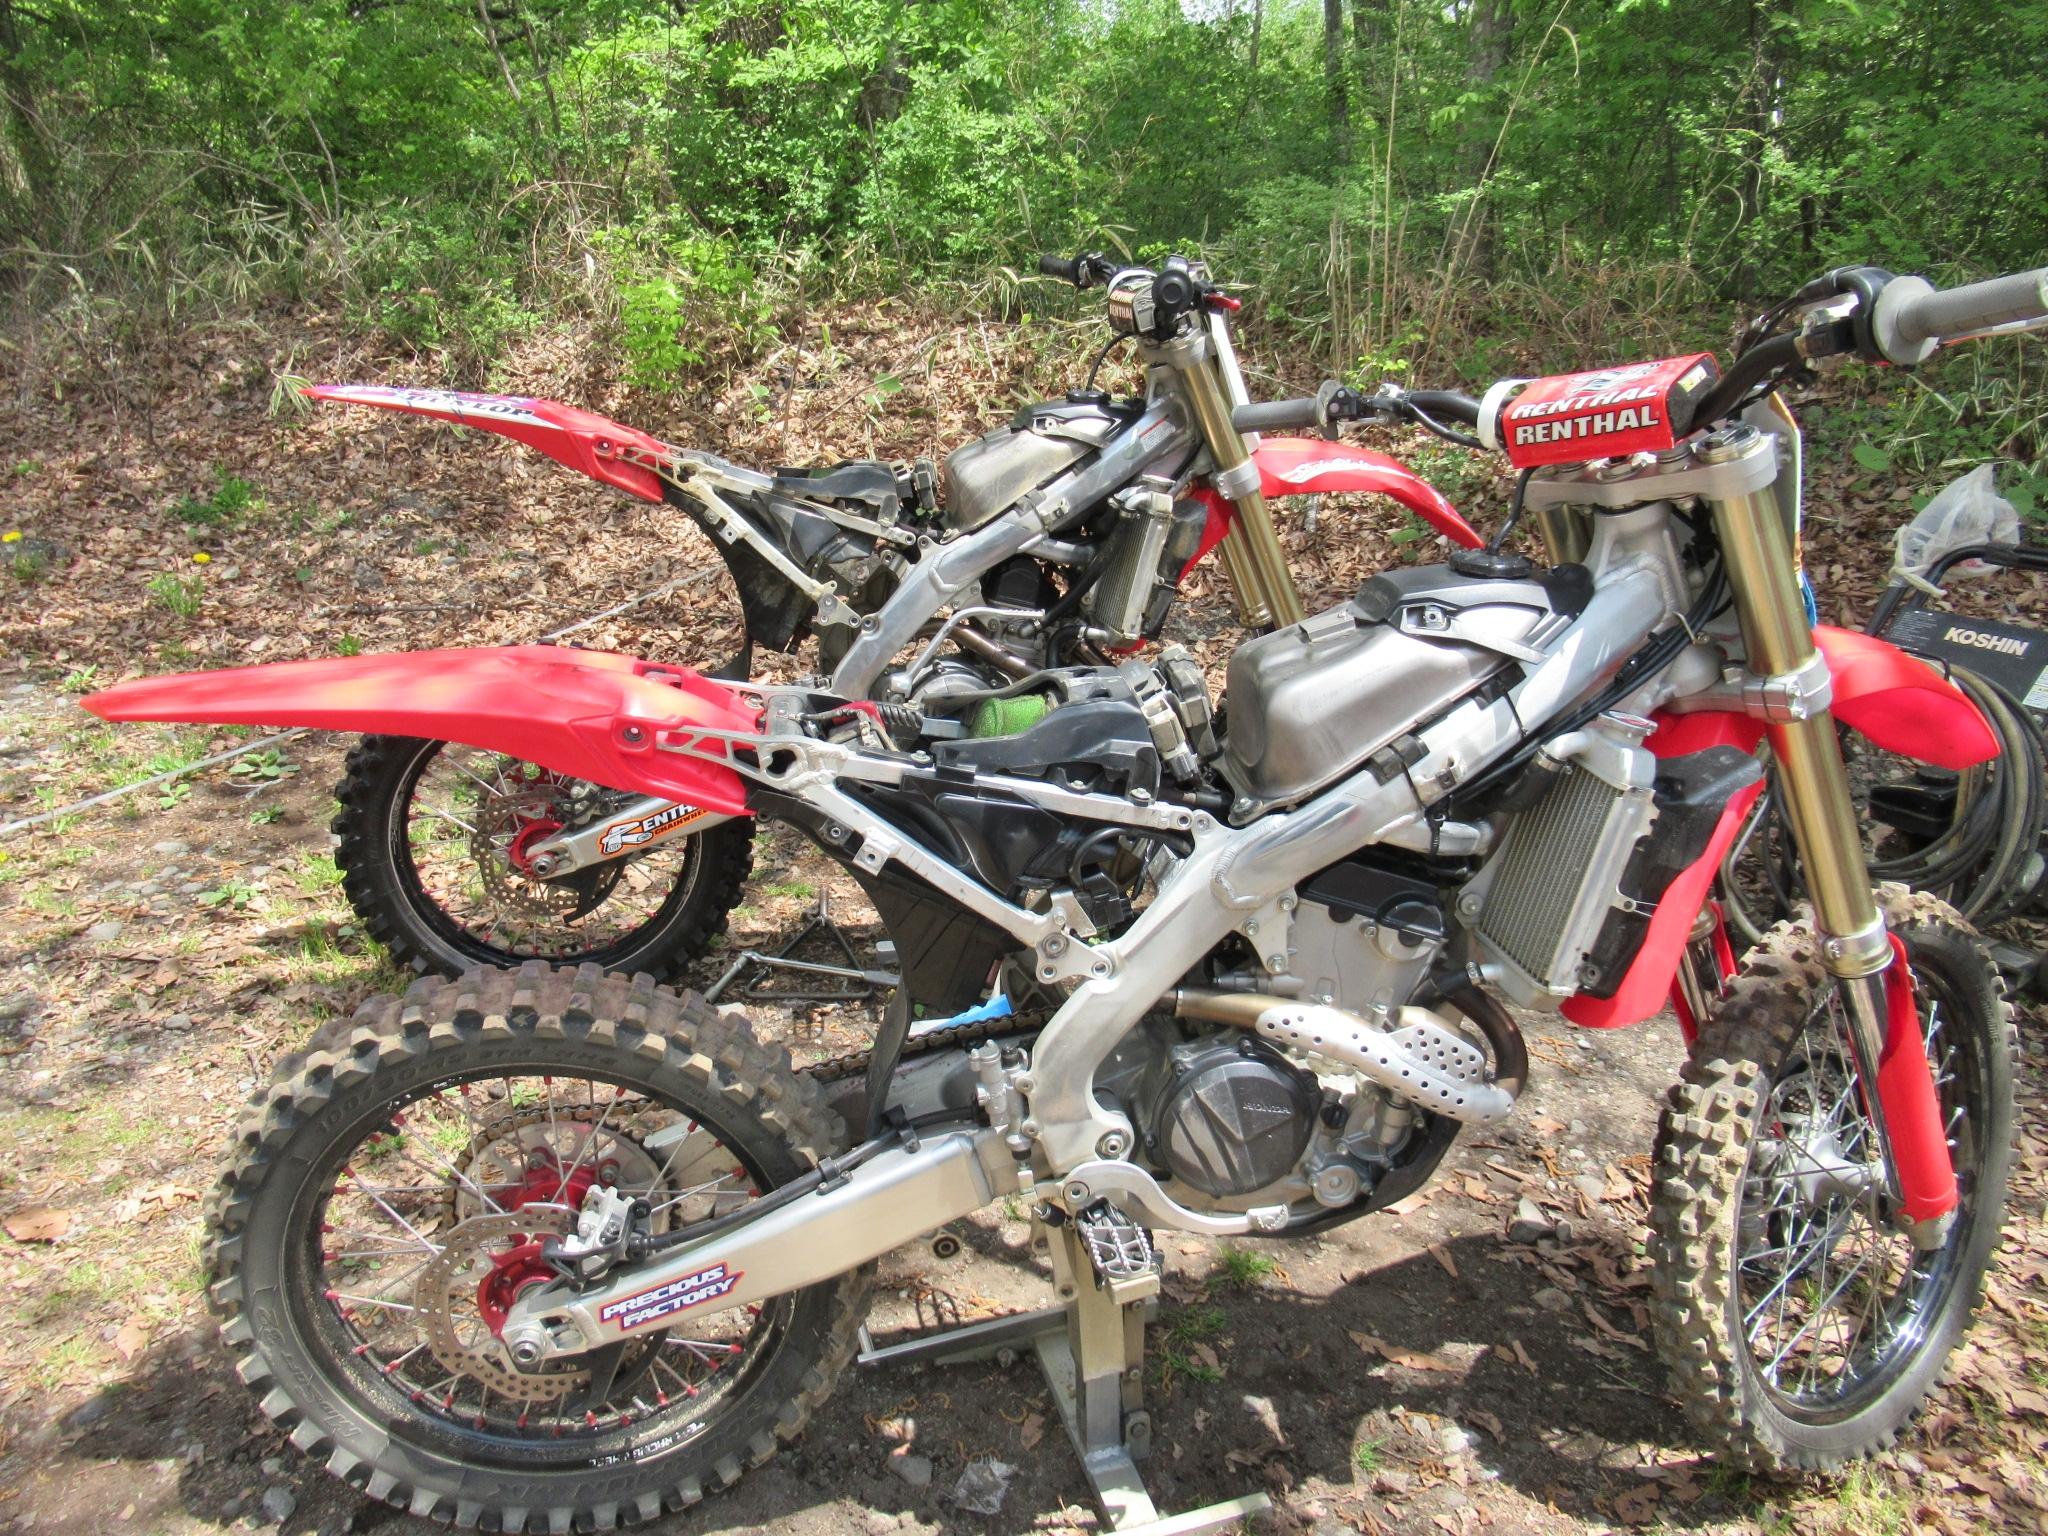 http://www.precious-factory.com/preciousfactory2010/IMG_0223.JPG